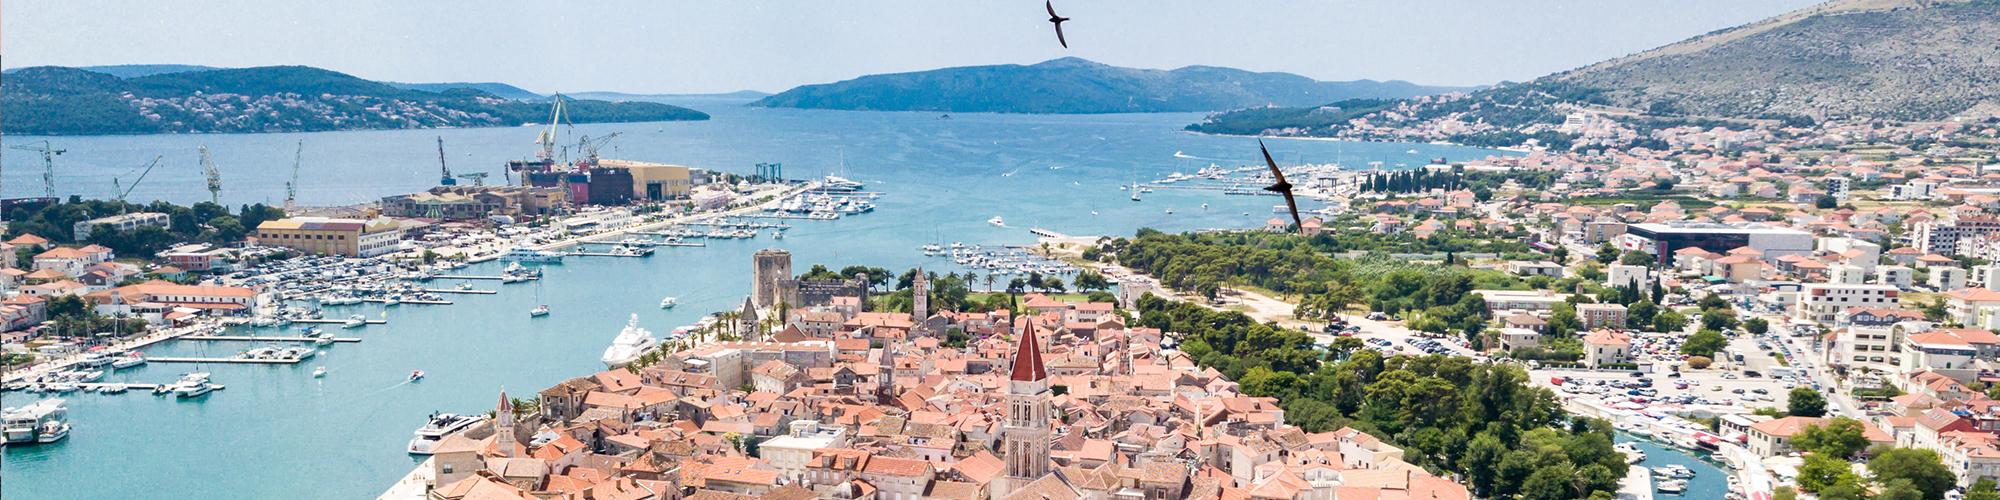 Balcanes en la memoria - EL PAIS Viajes